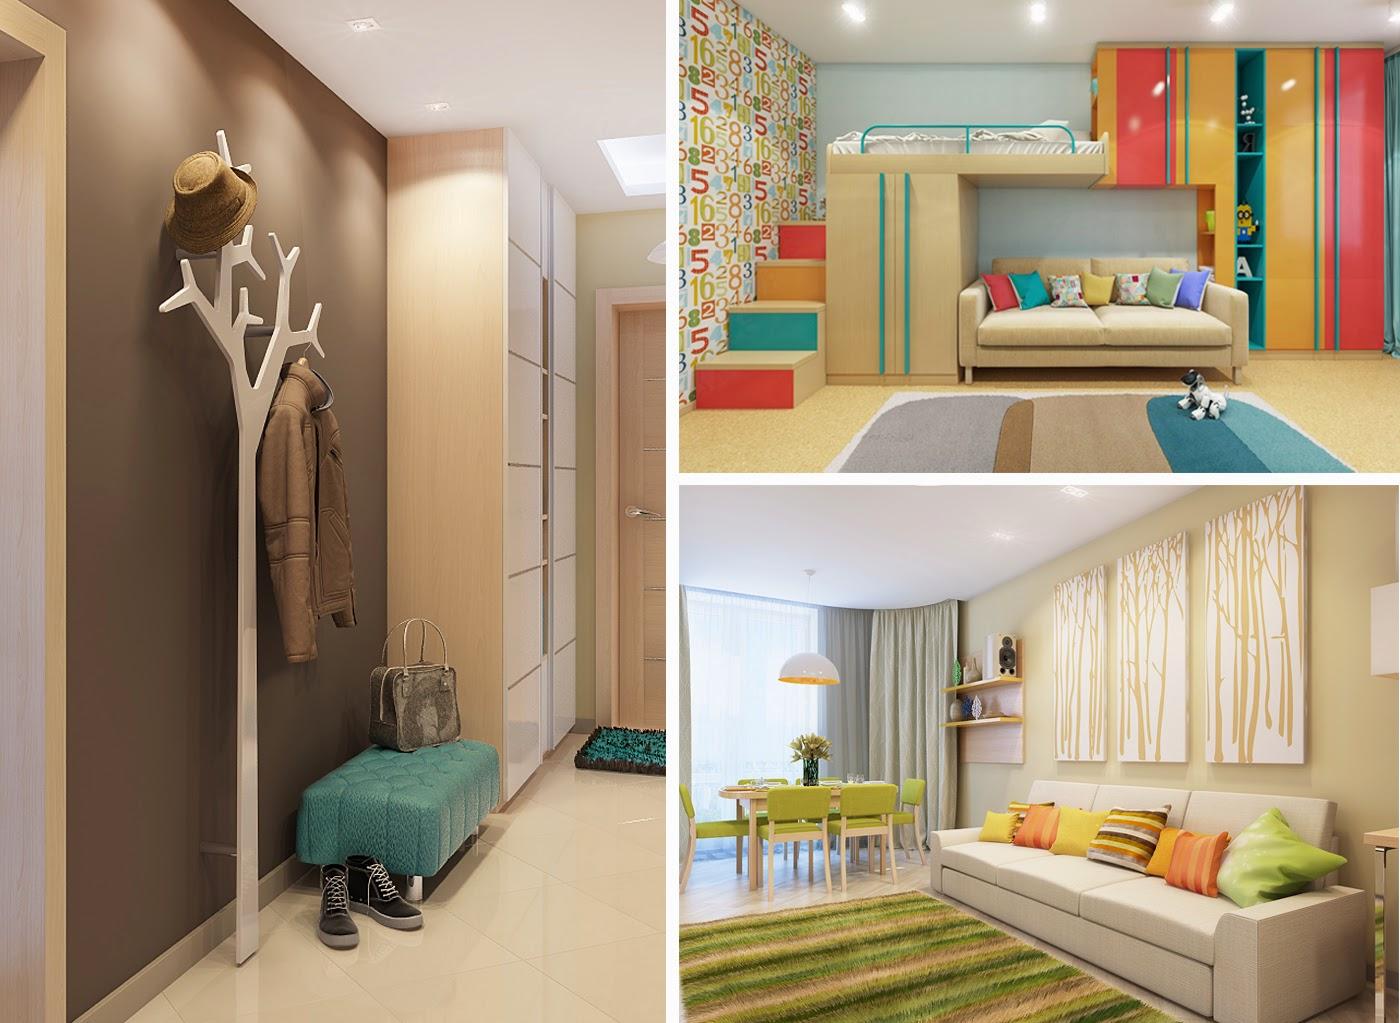 Дизайн интерьера квартиры 100 м кв в ЖК Чайка